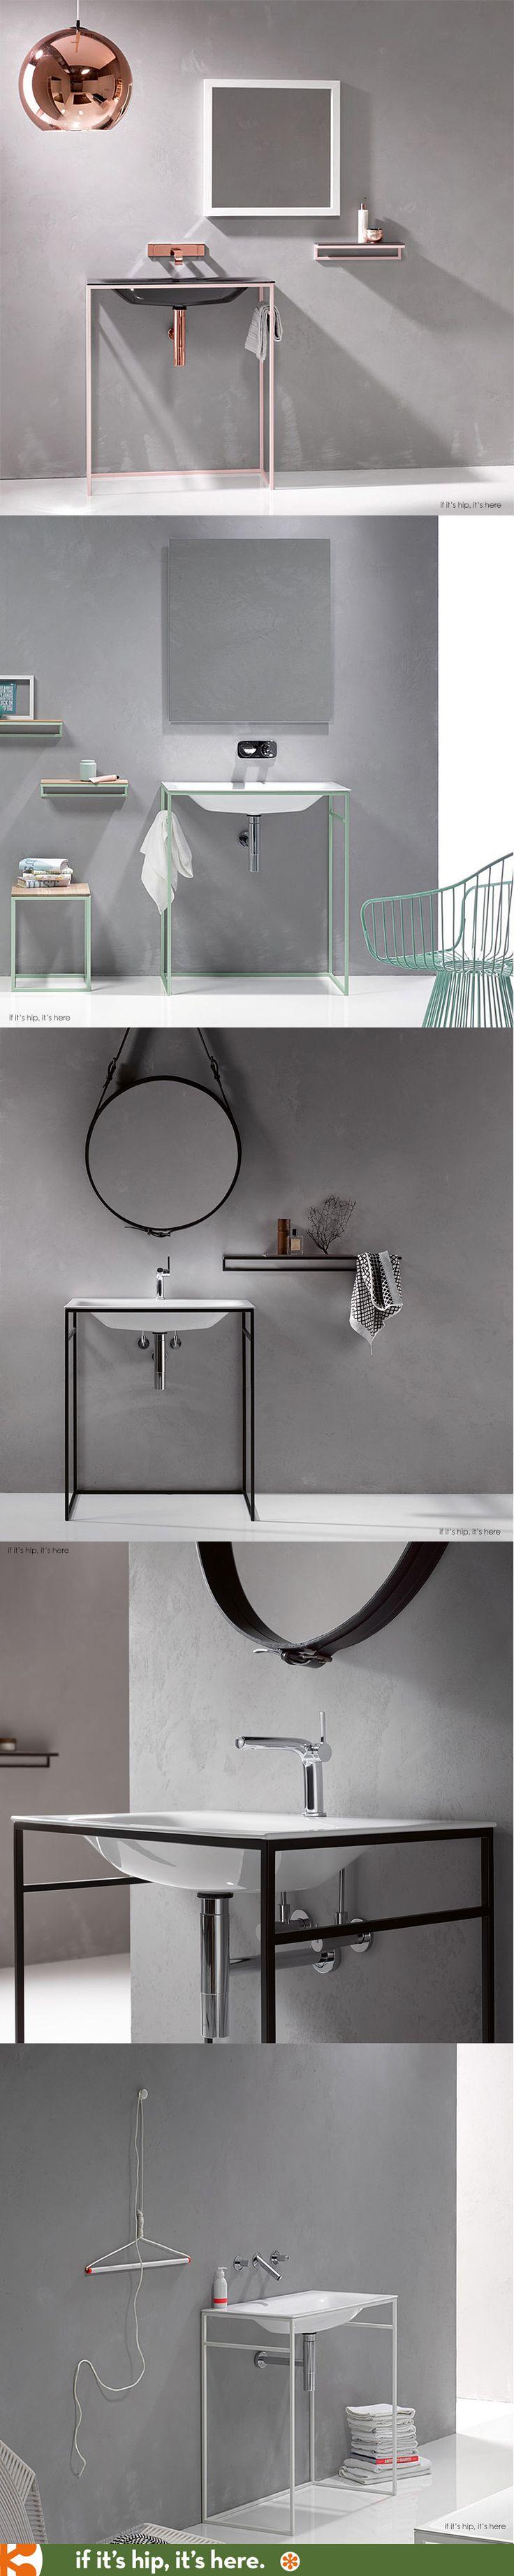 Bettelux enamel washbasins in colored steel cubic frames.